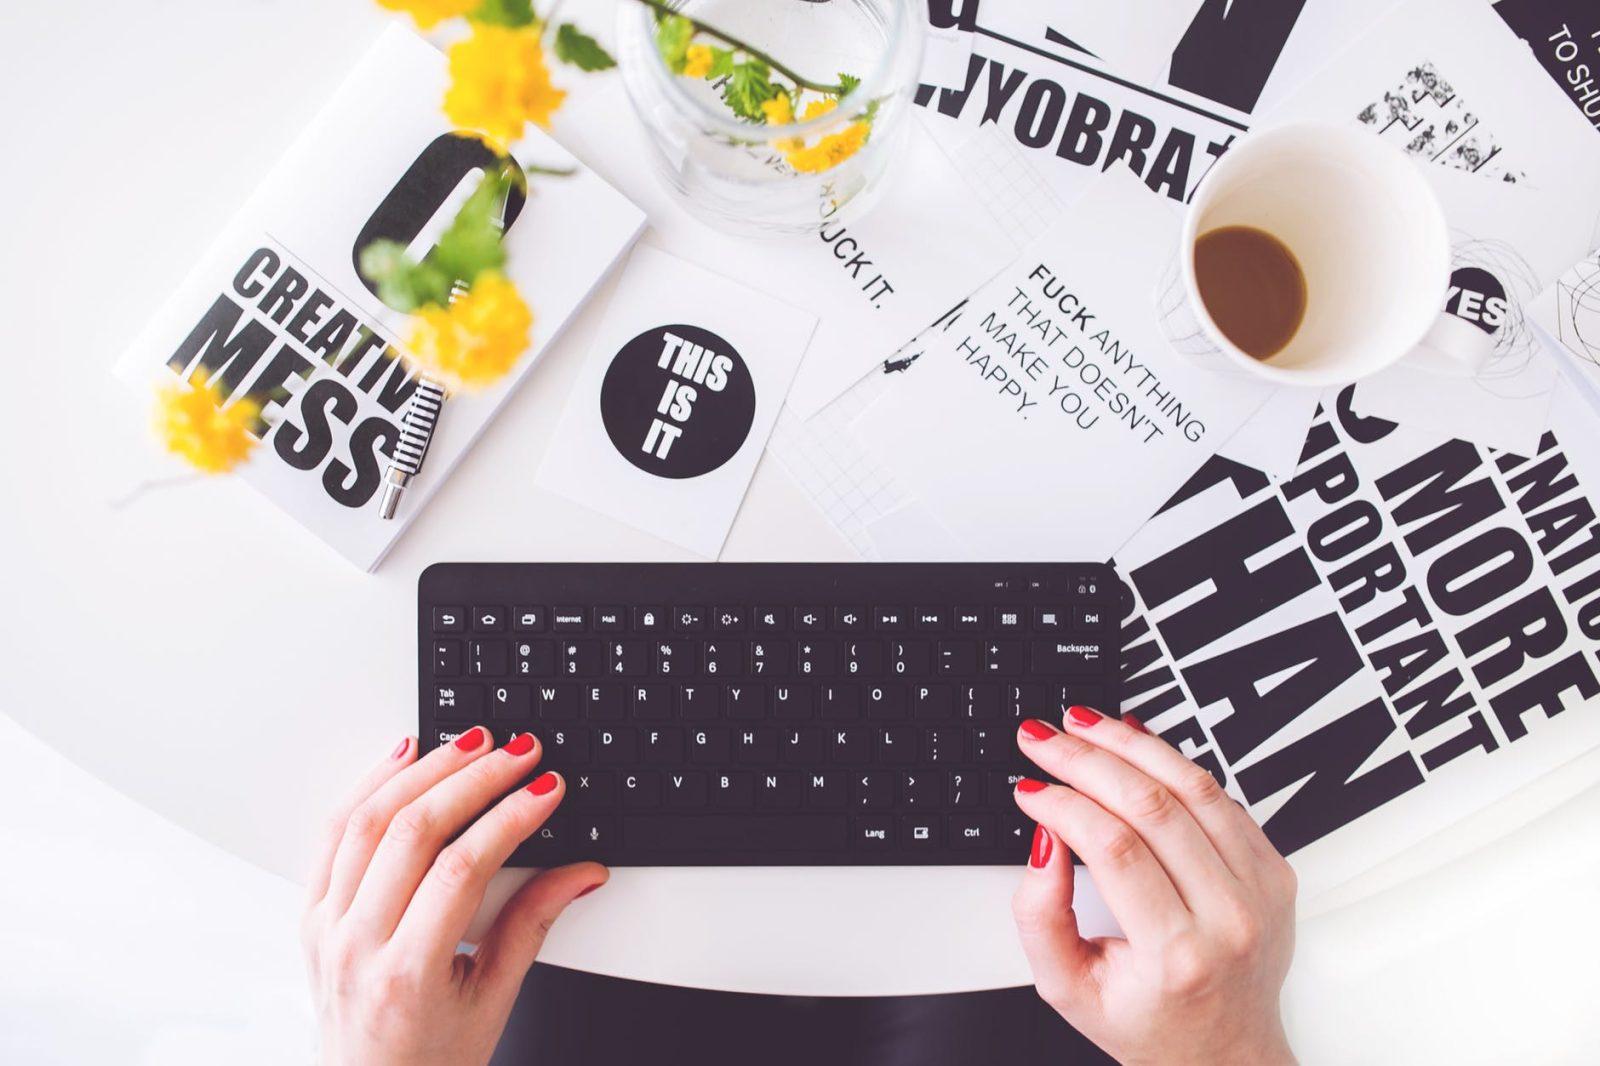 מה זה אומר קידום אורגני וכיצד לקדם את הבלוג שלך בדרך המהירה ביותר